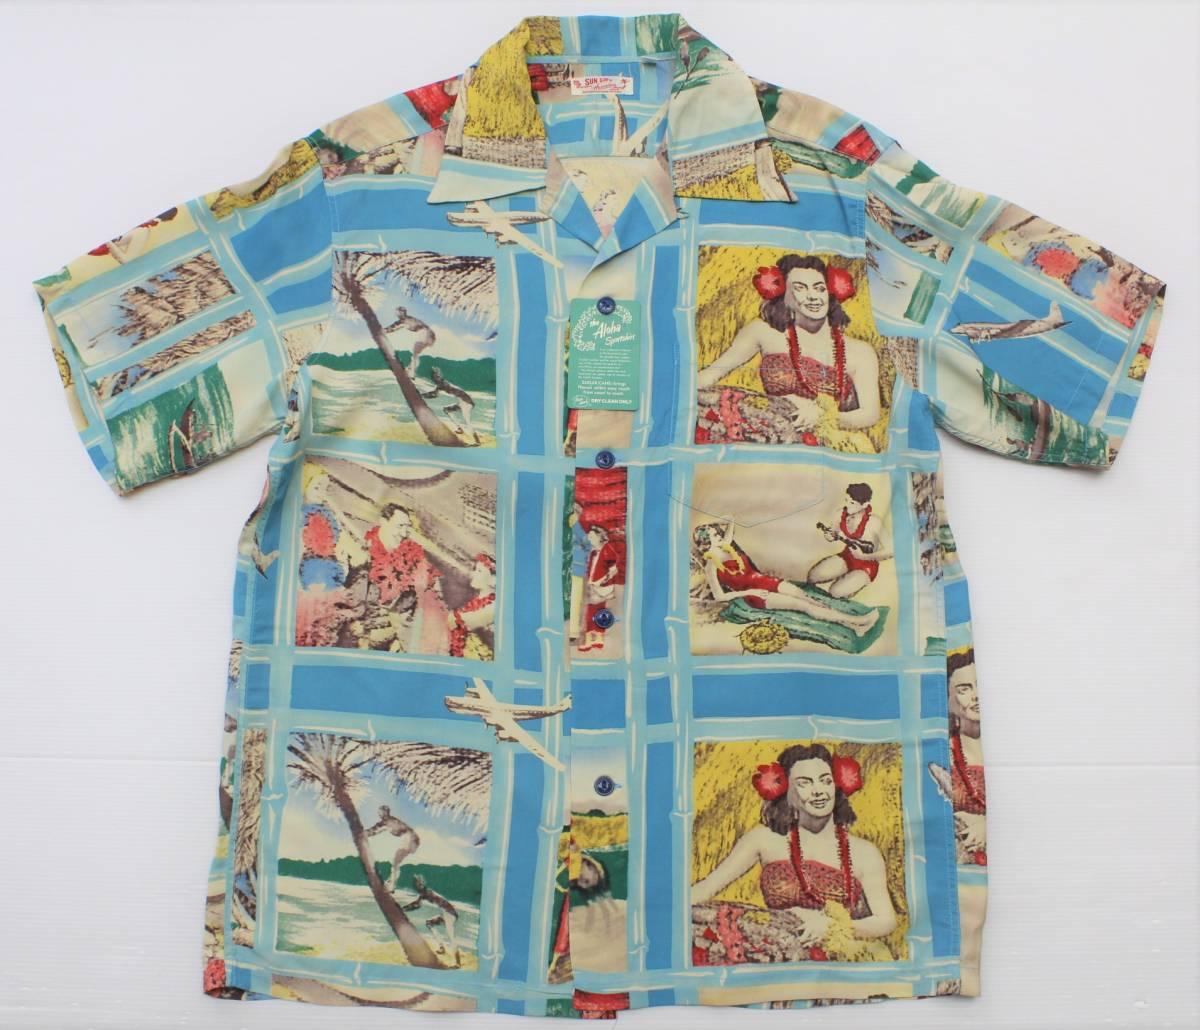 YHS39東洋Sパラダイス フラガール ココナッツボーイ ハワイ 半袖 アロハシャツSUN SURFサンサーフFLY TO THE PARADISEハワイアンシャツ_画像1